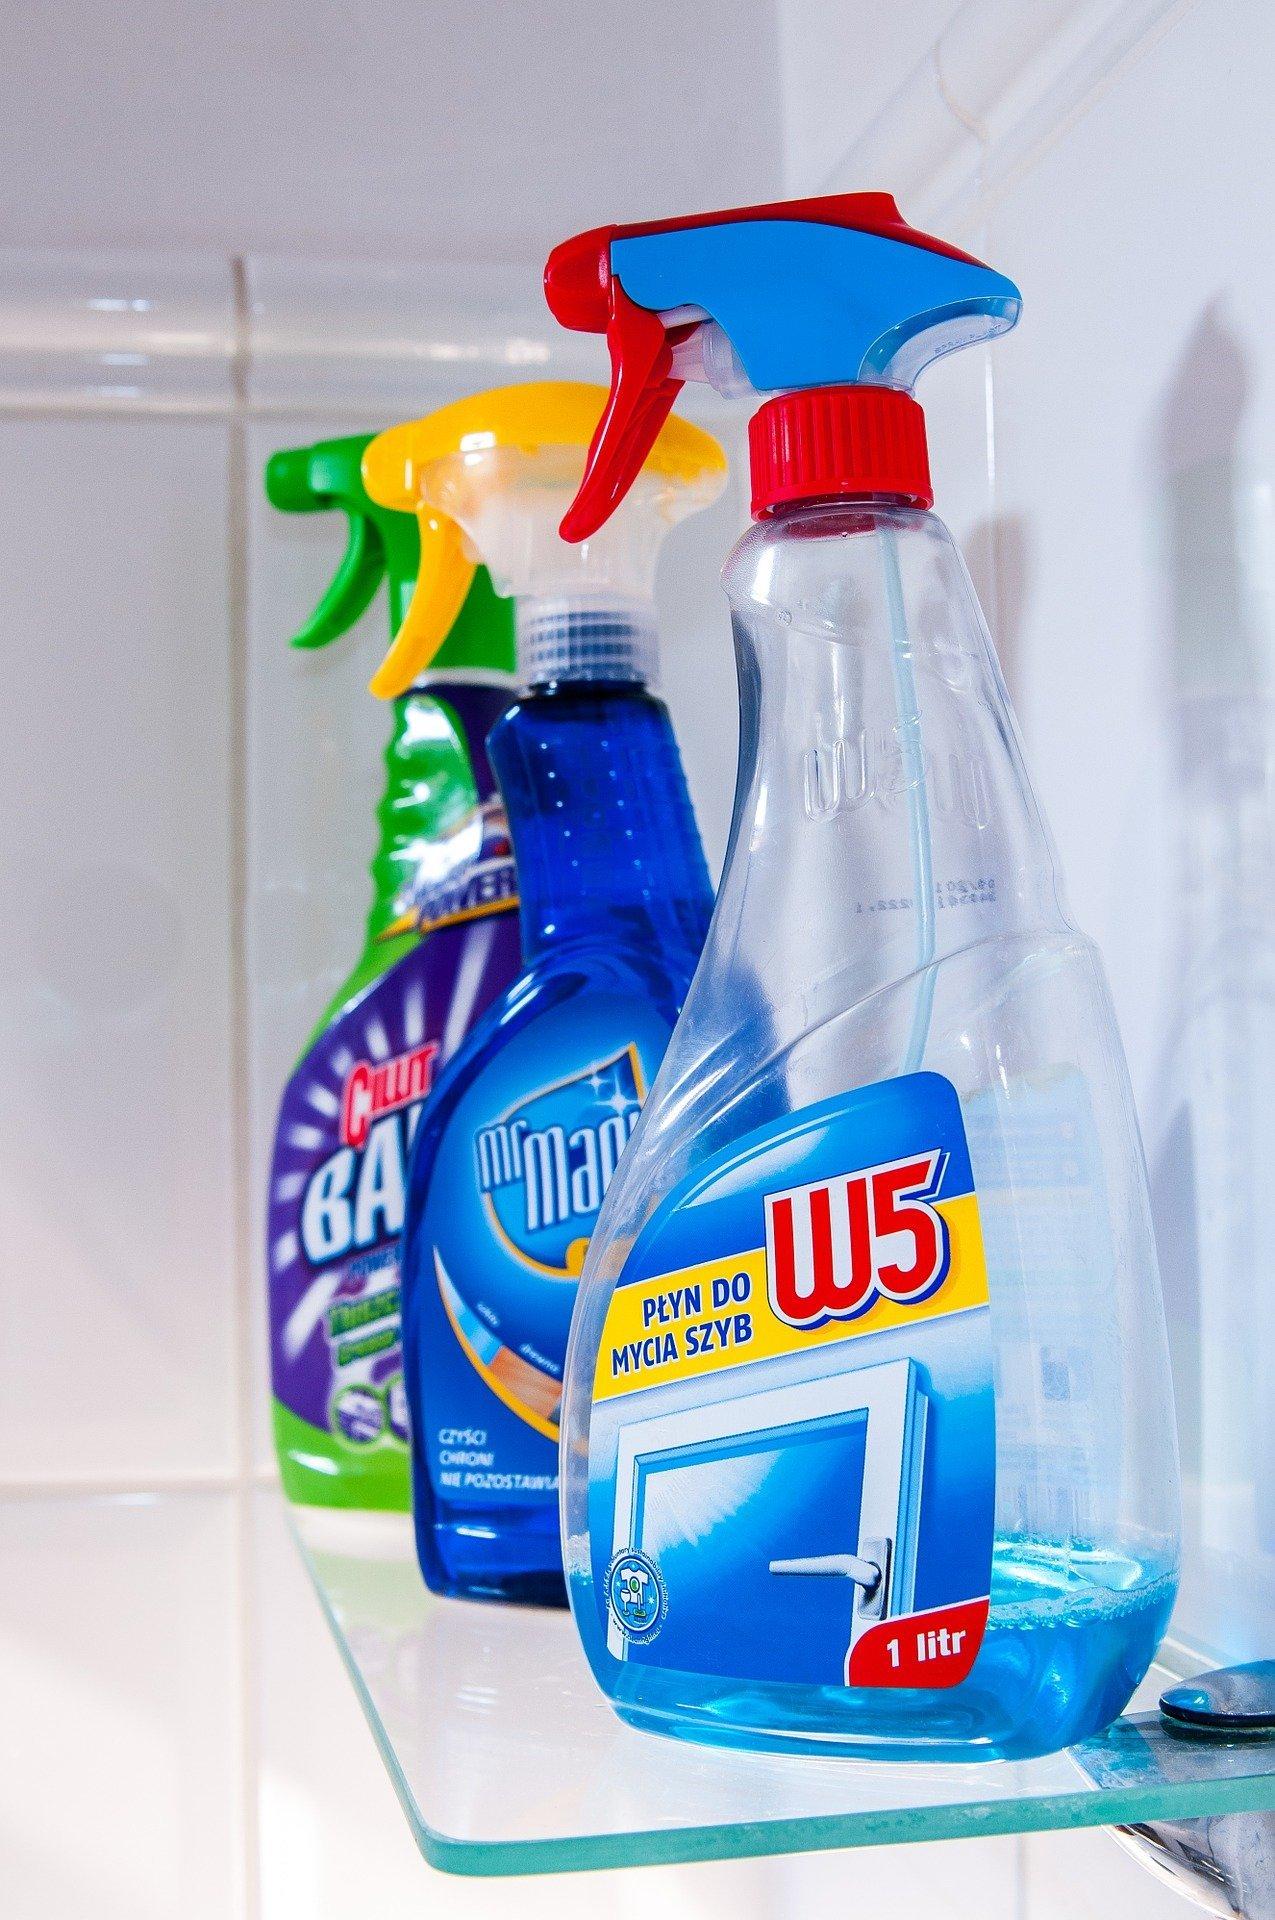 Diversos productos de limpieza. Fuente: Pixabay